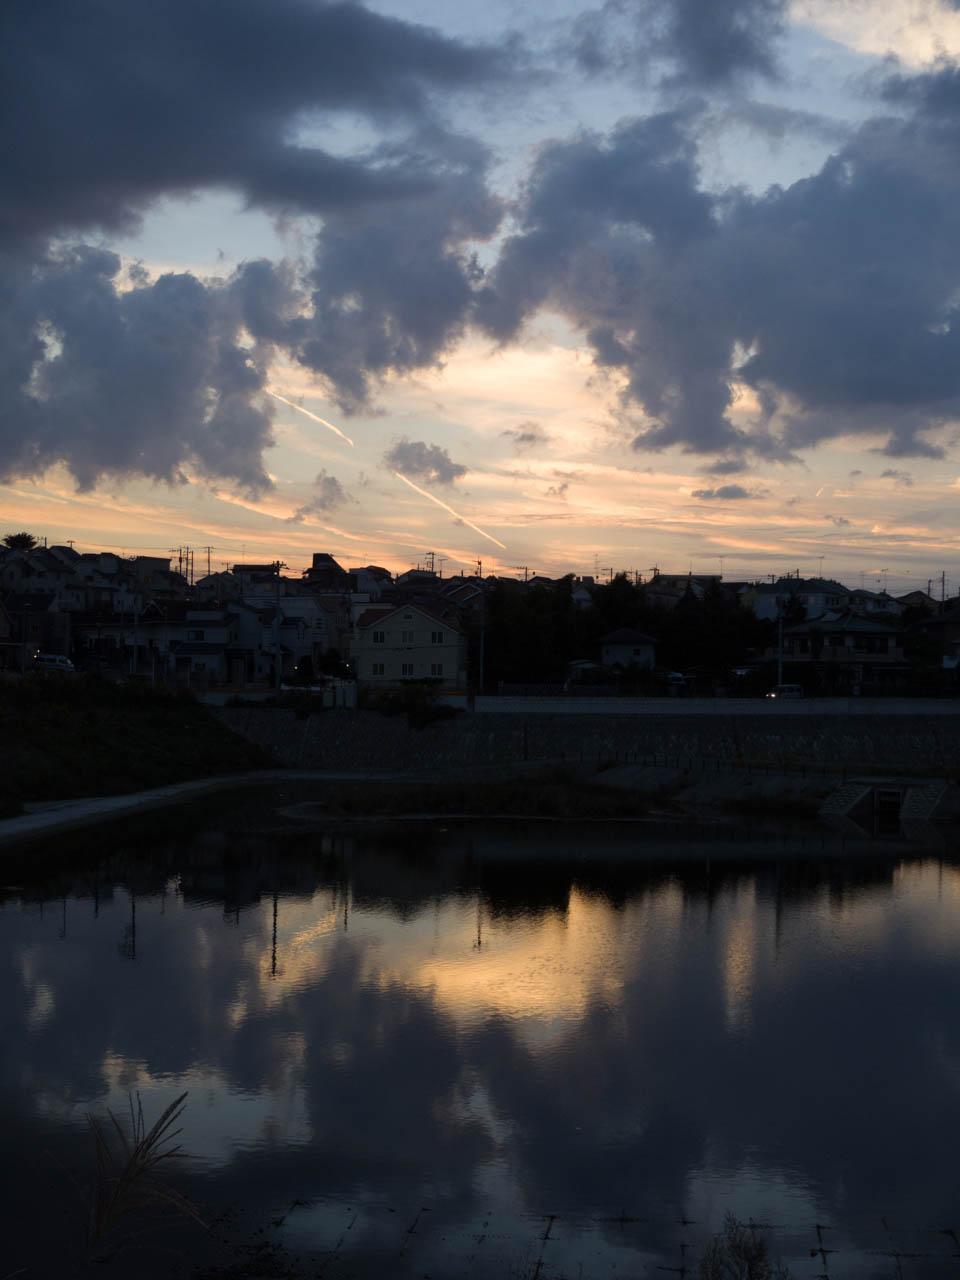 暮れてゆく街が、遊水地の湖面に写っていた